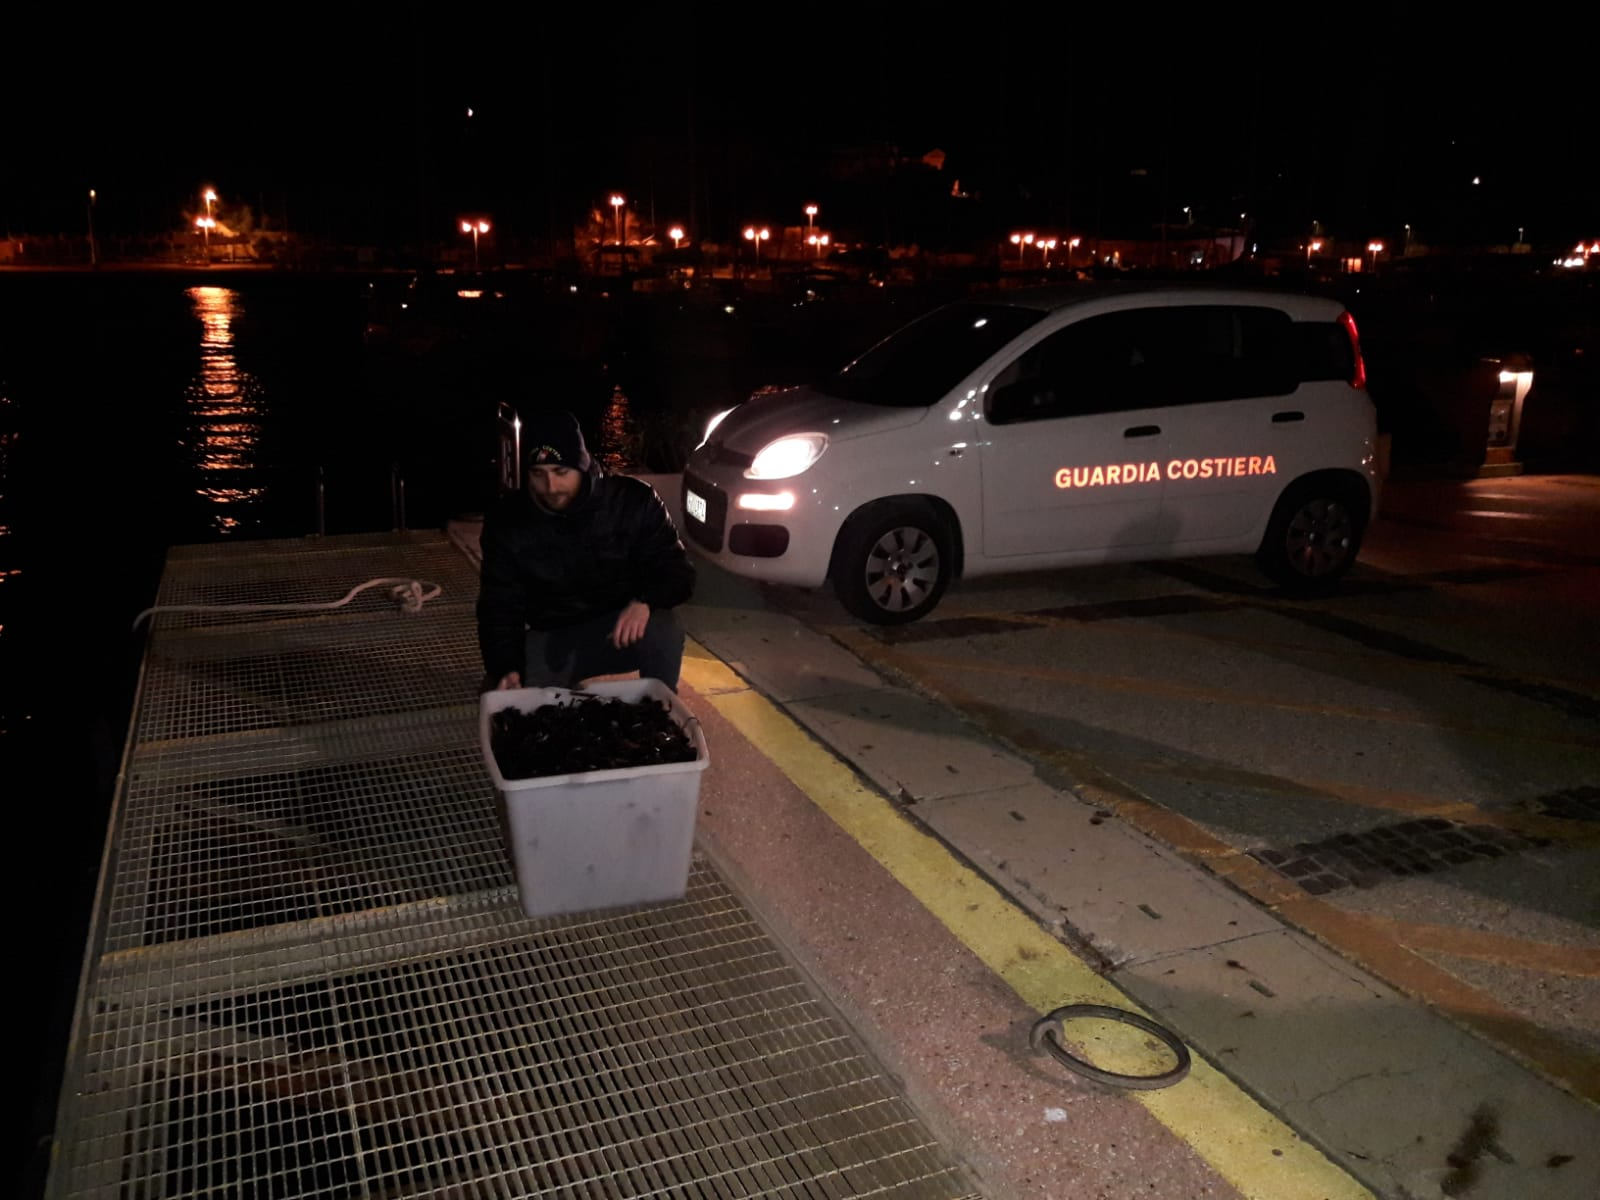 La Guardia Costiera di Santa Marinella sequestra più di 1000 esemplari di ricci di mare